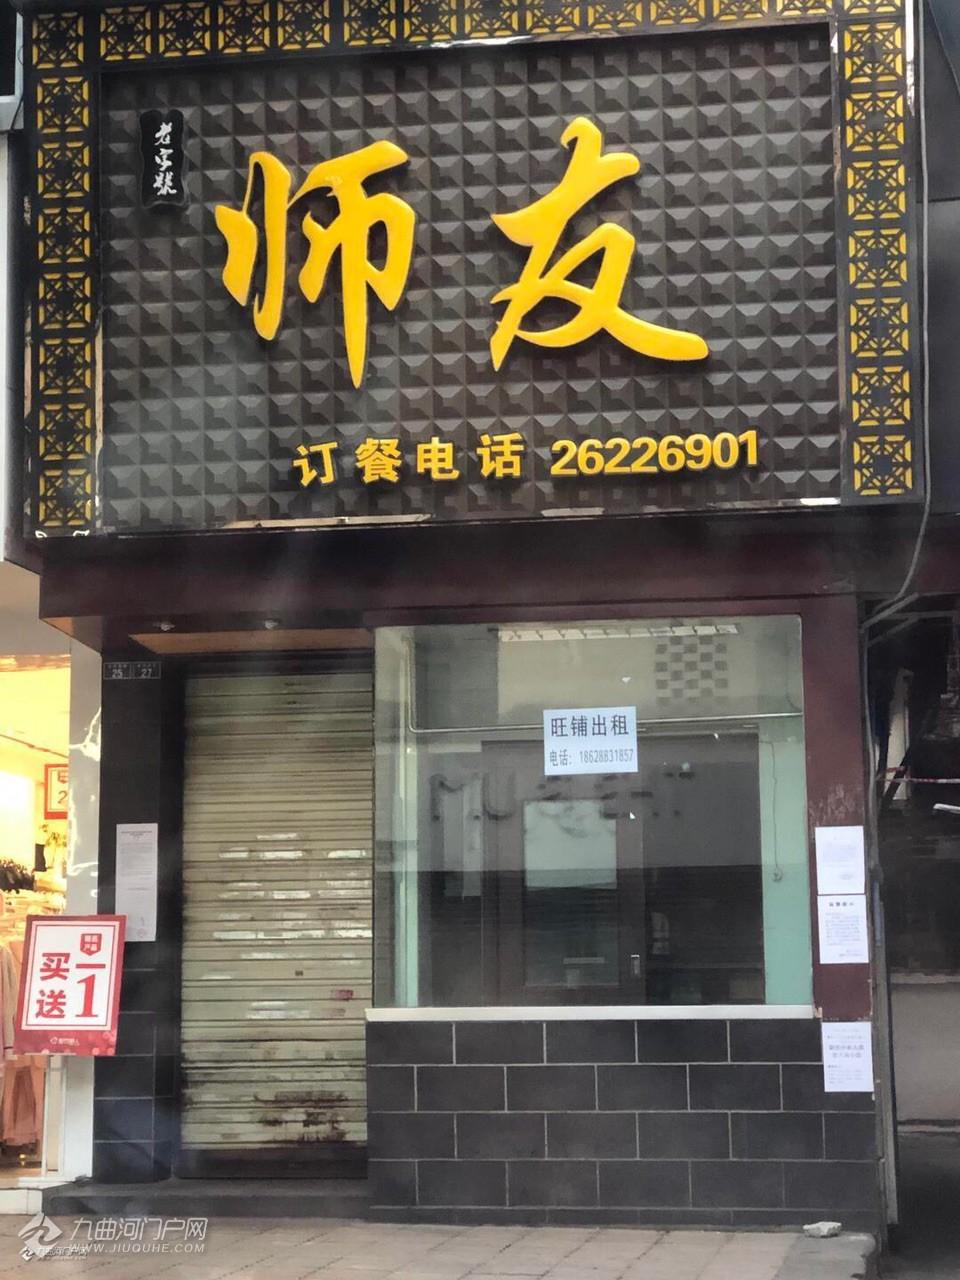 资阳师友饭店原有的招牌已拆下,露出了以前的旧招牌,勾起了不少回忆!